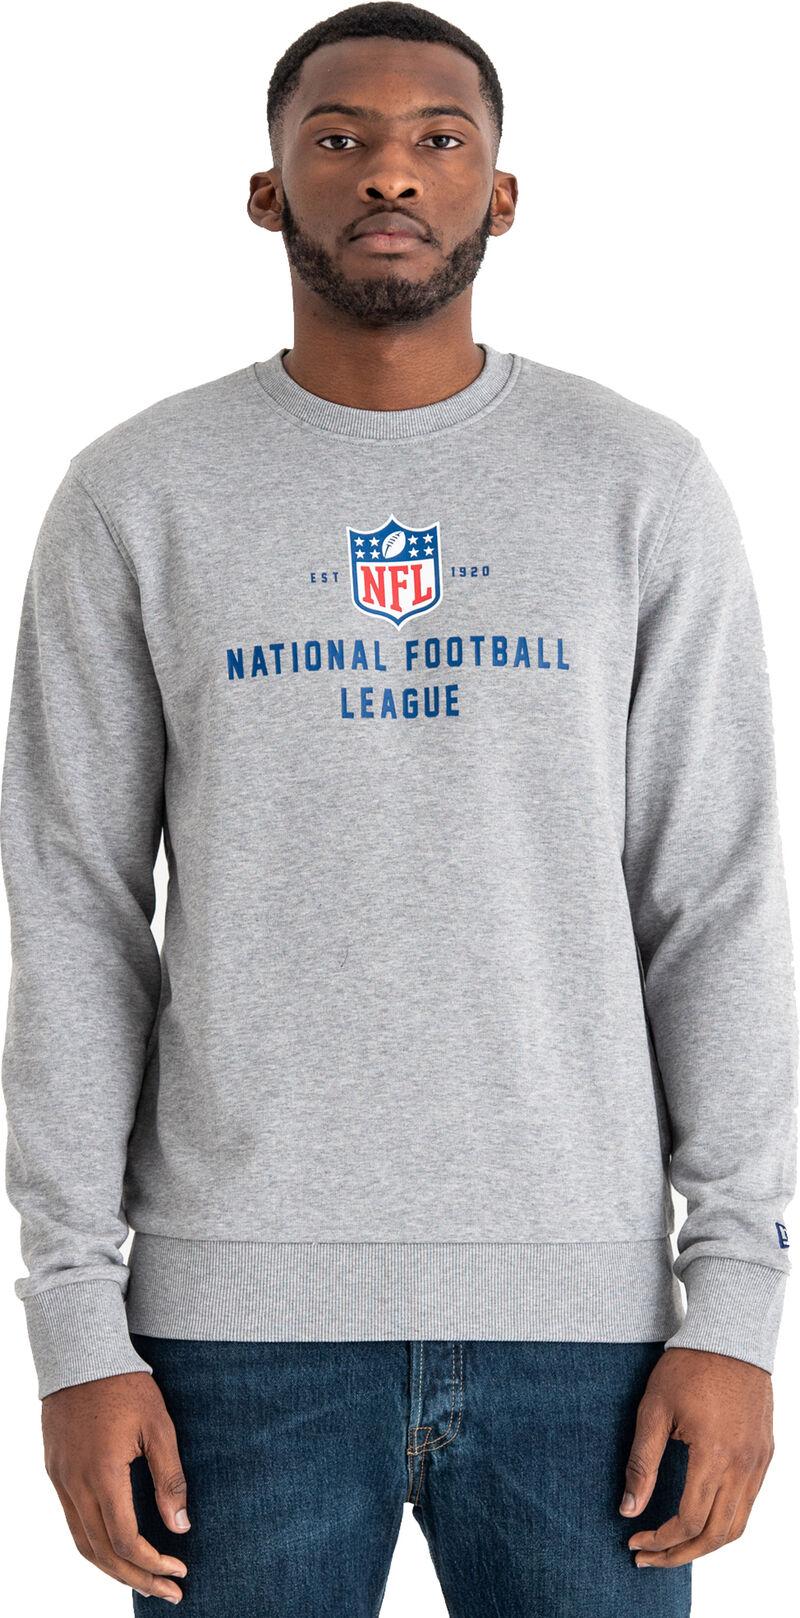 MBL League Established NFL Generic Logo